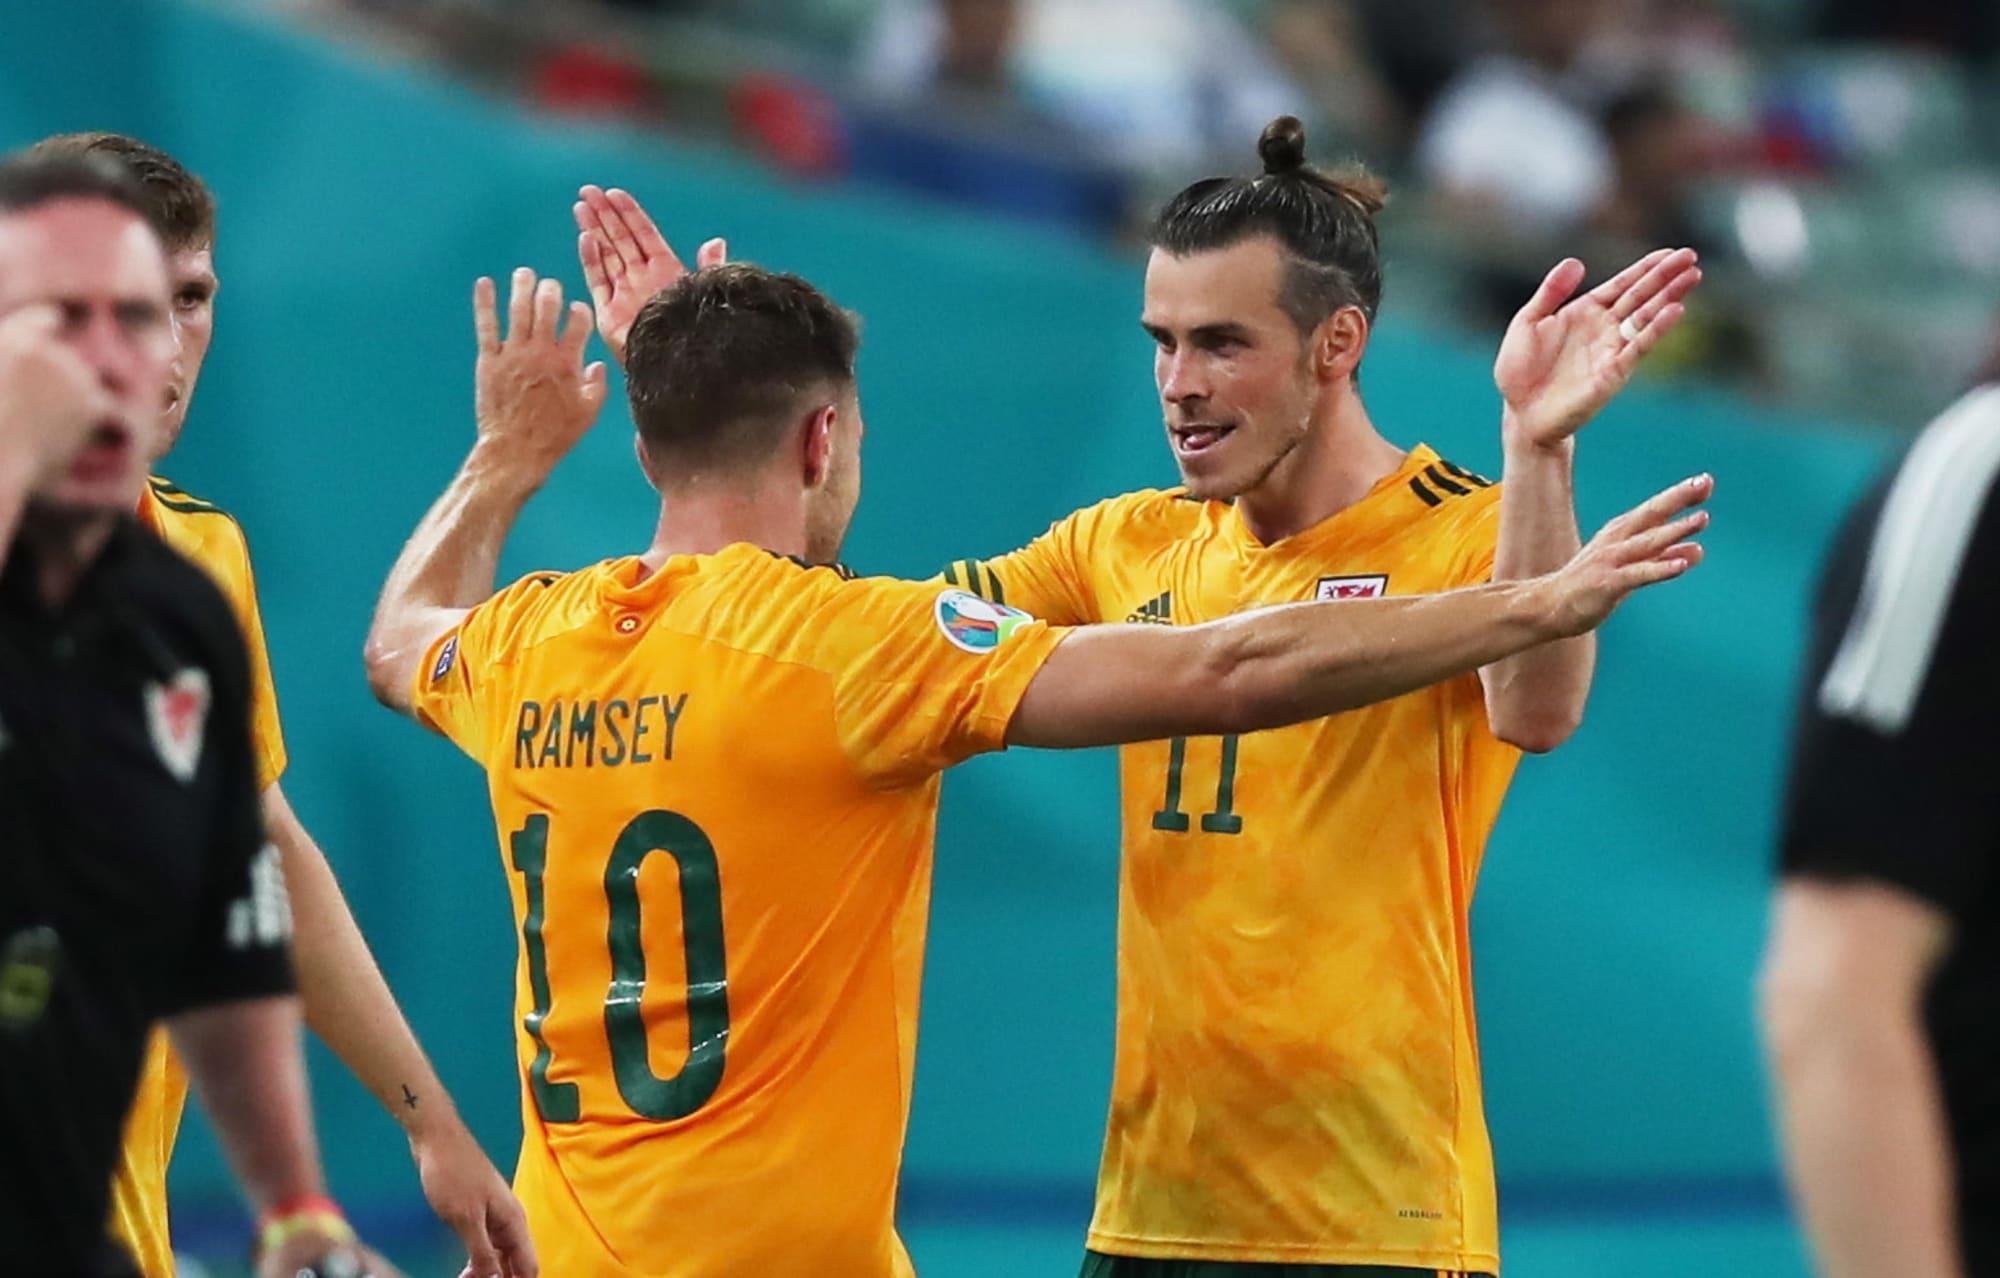 Bale sbaglia, Ramsey no: il Galles si rialza